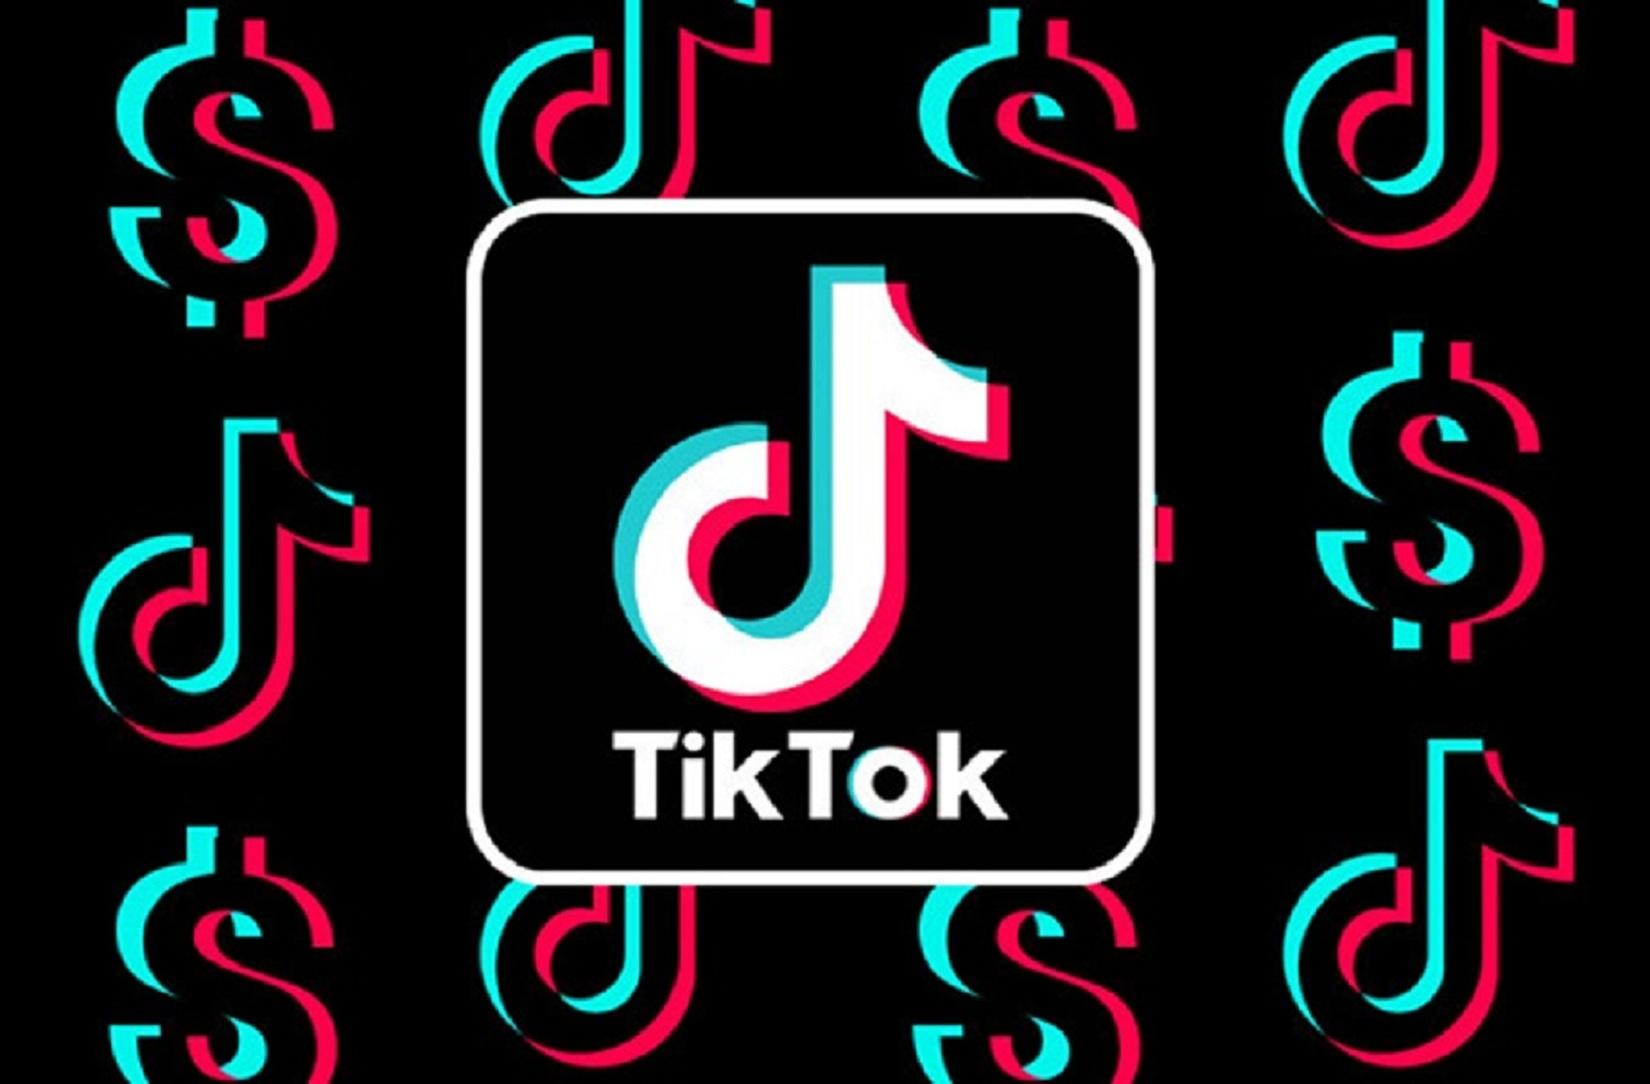 Quảng Cáo TikTok Ads -  TikTok Ads xu hướng quảng cáo 2021